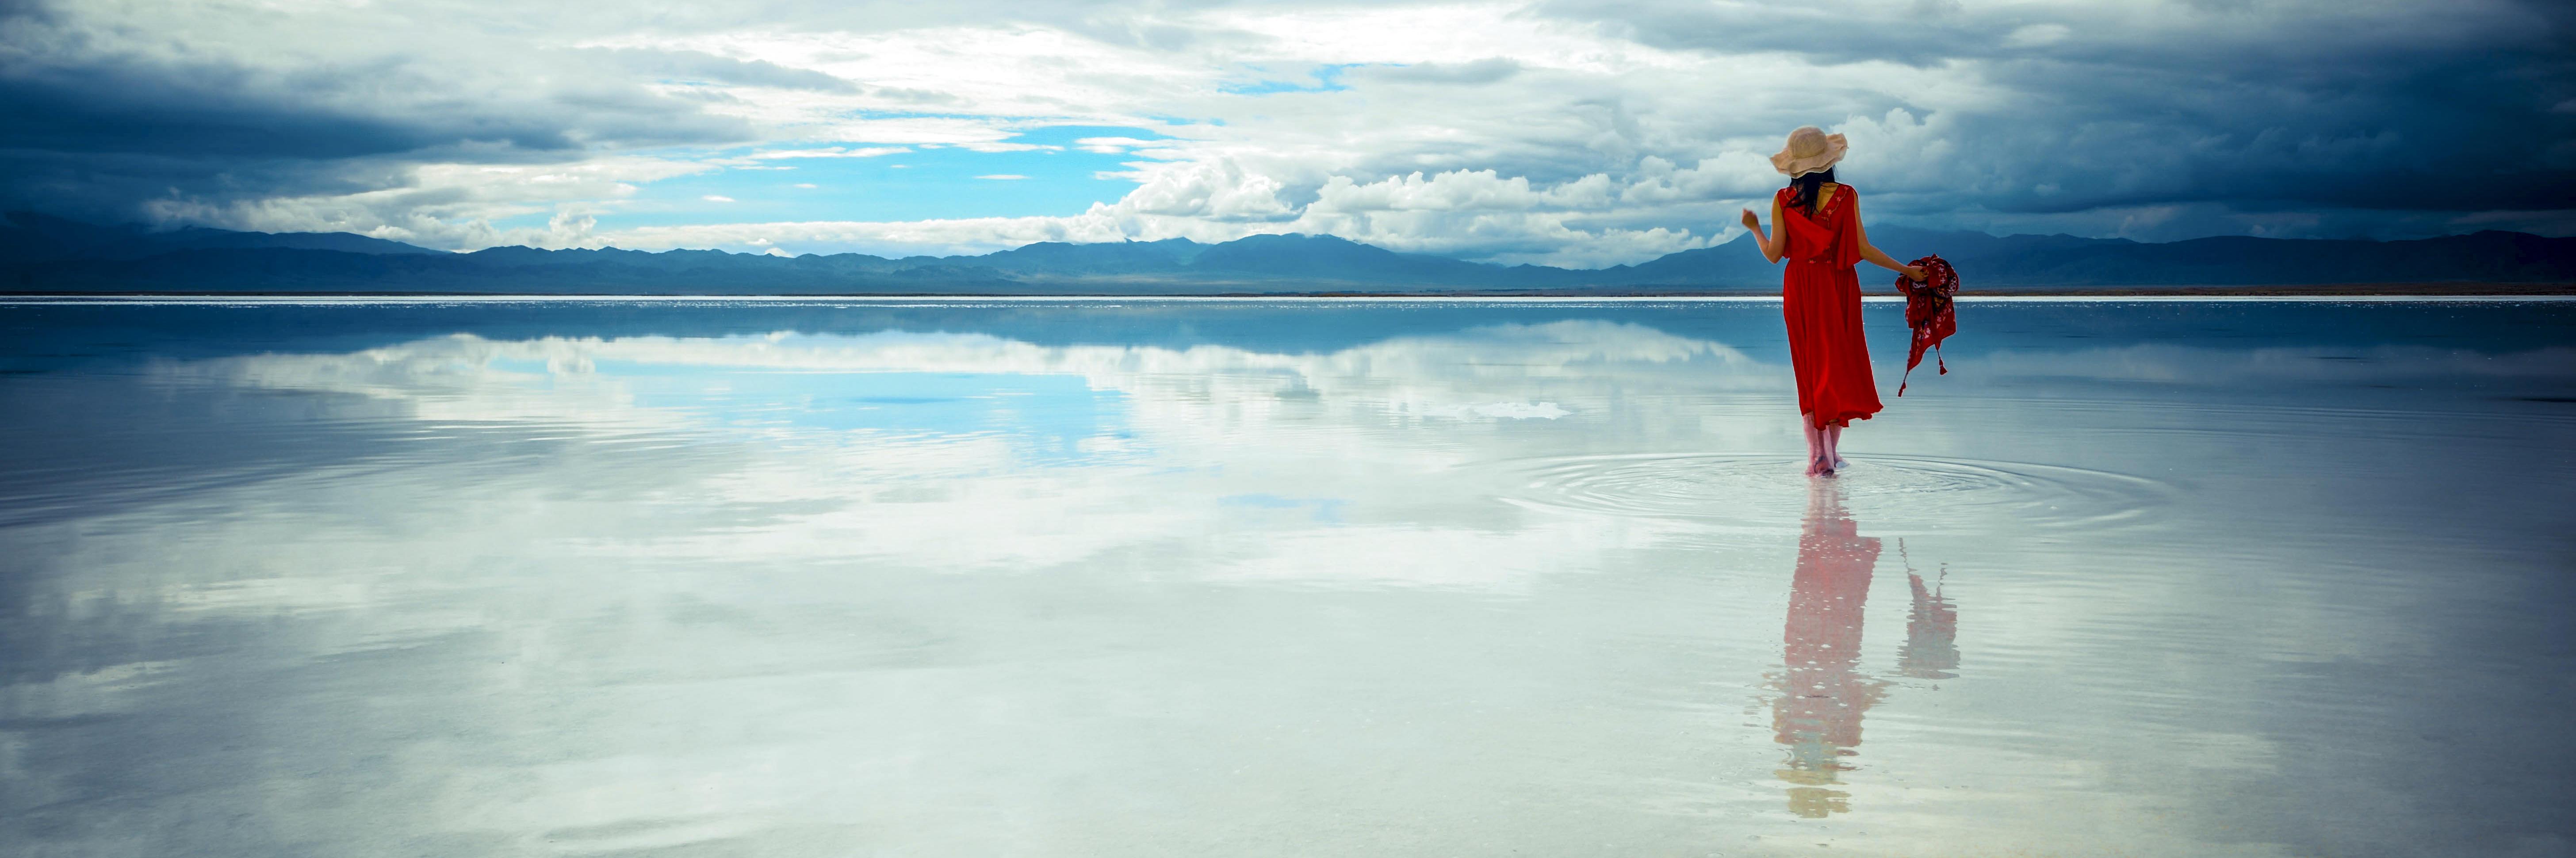 【青海】——隐于内陆的天空之境,现于国家版图的内陆湖泊